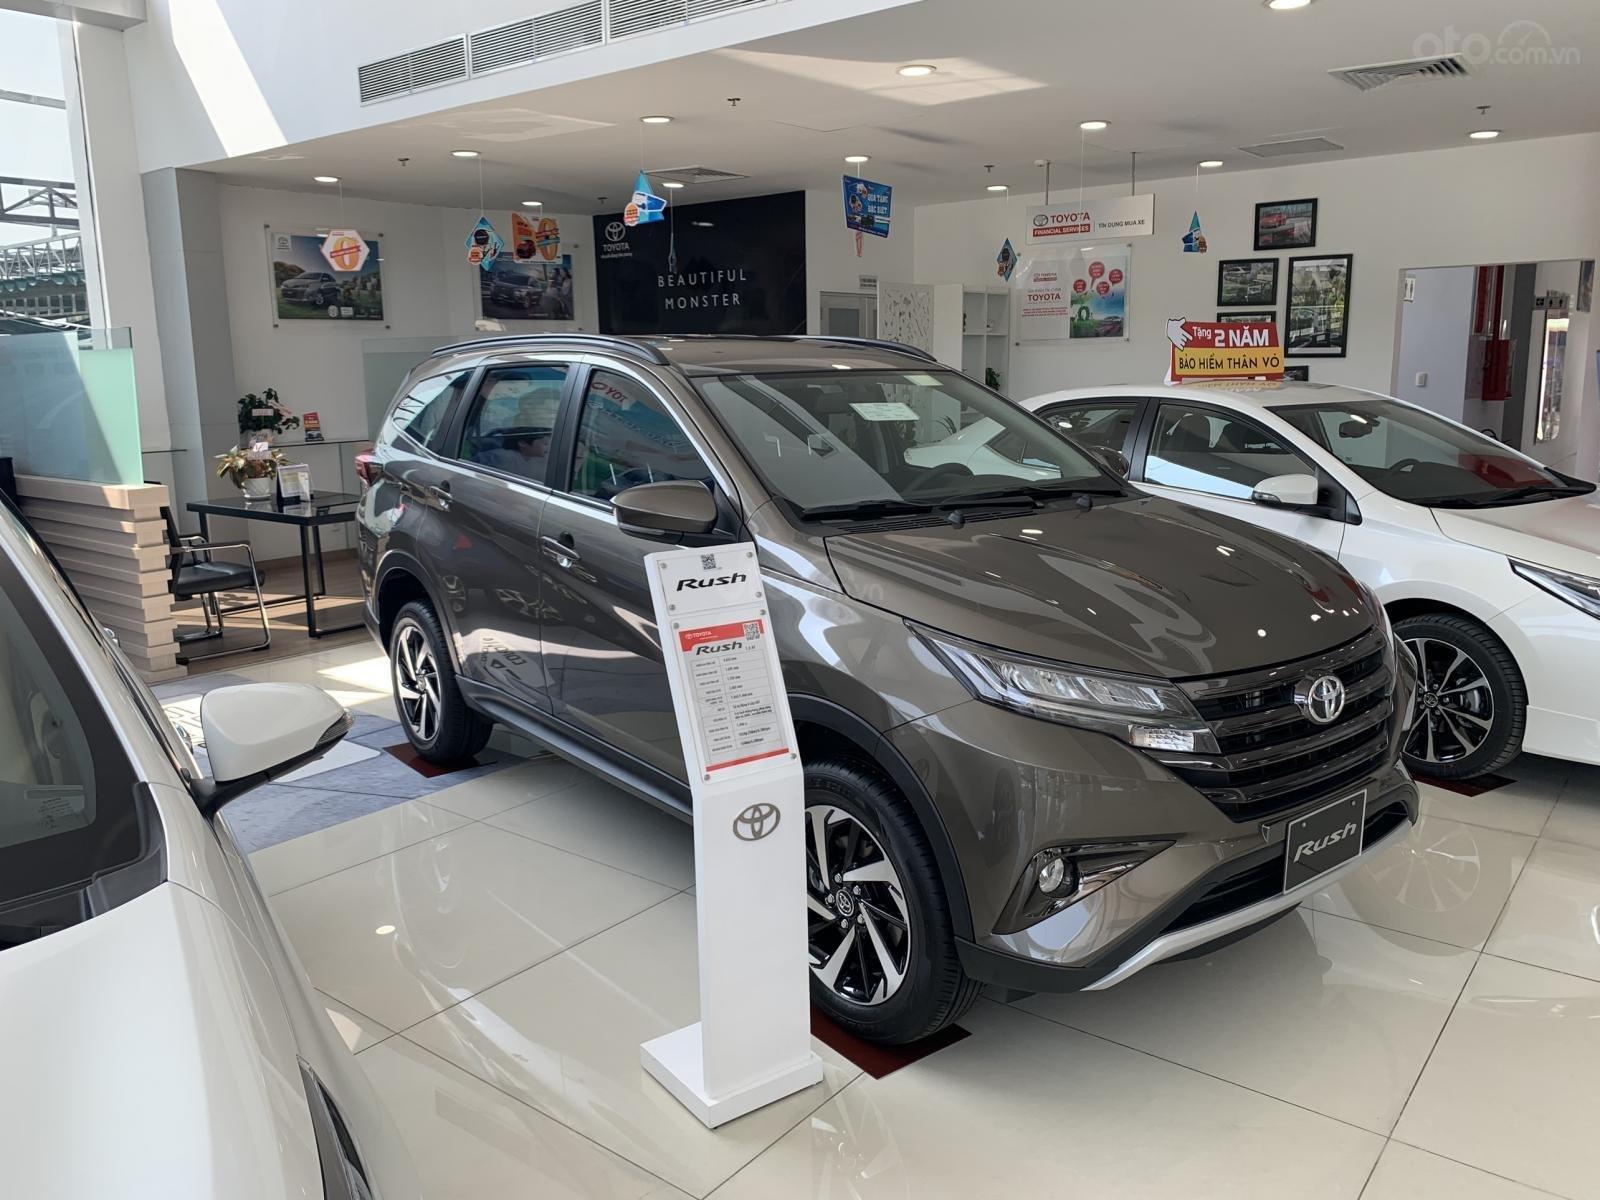 Toyota Rush 2020 - Tặng 2 năm bảo hiểm thân vỏ xe - Hỗ trợ vay trả góp từ 85% giá trị xe (4)